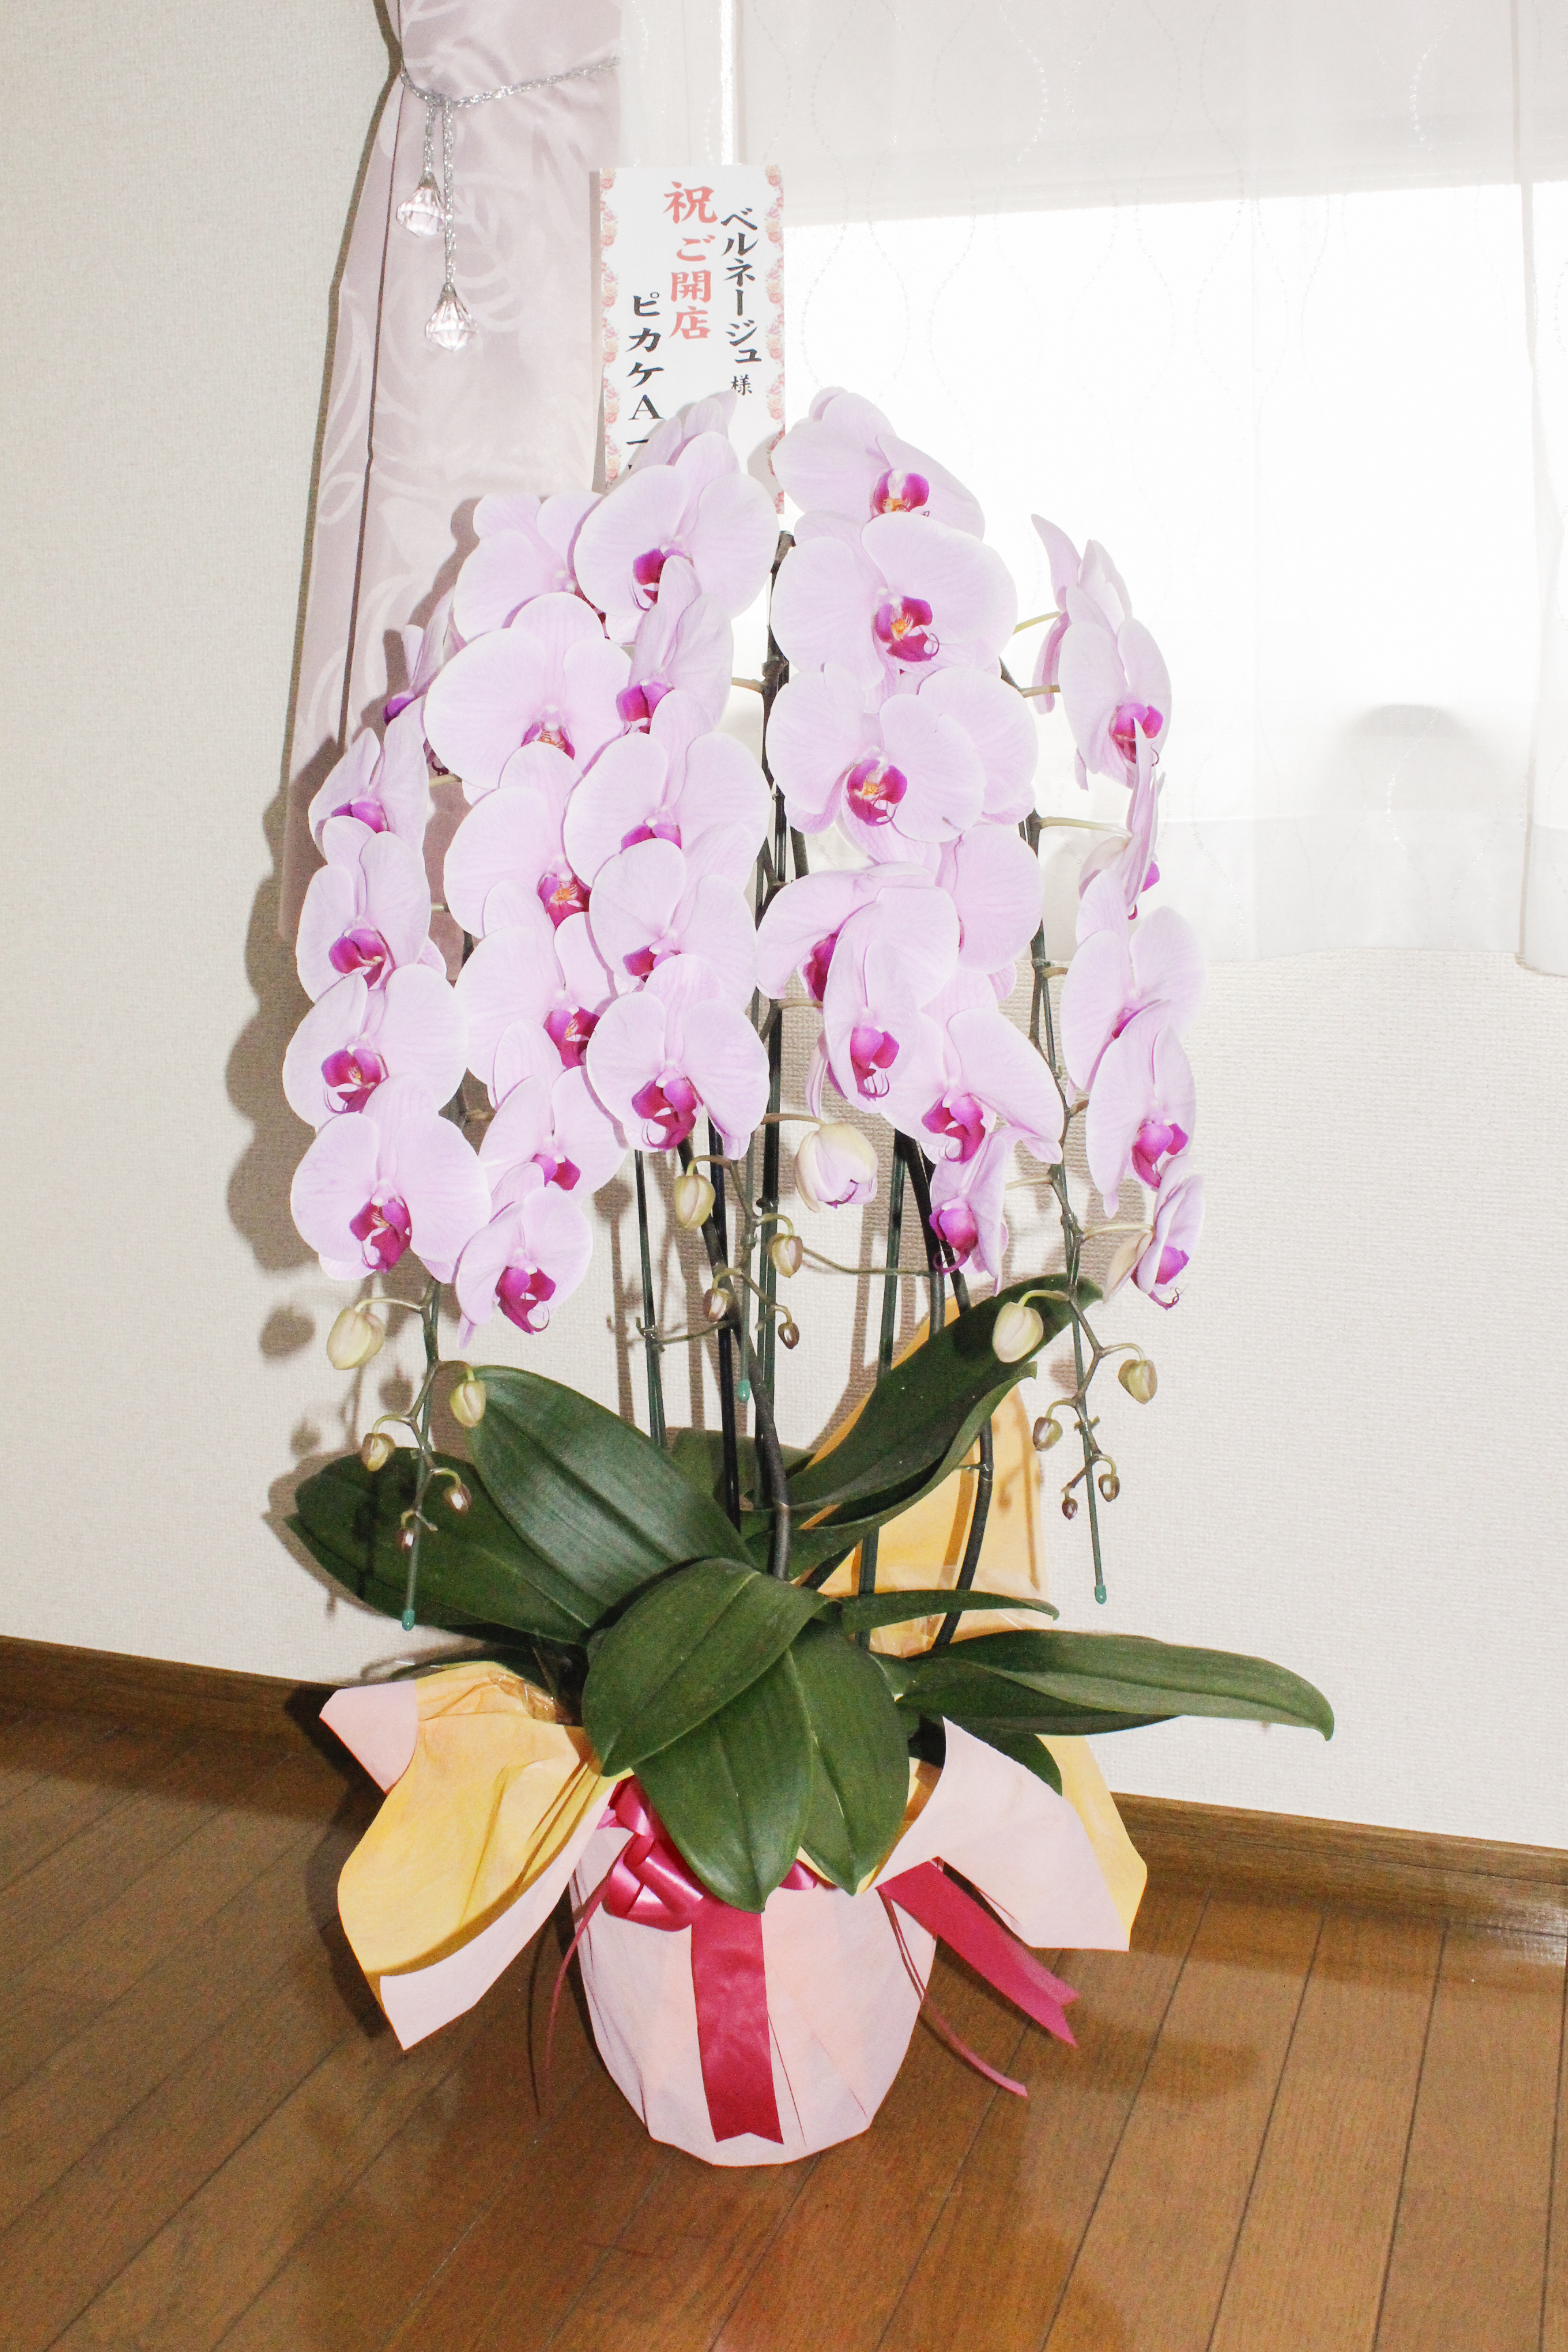 ピカケA様からオープン祝いのお花をいただきました❤